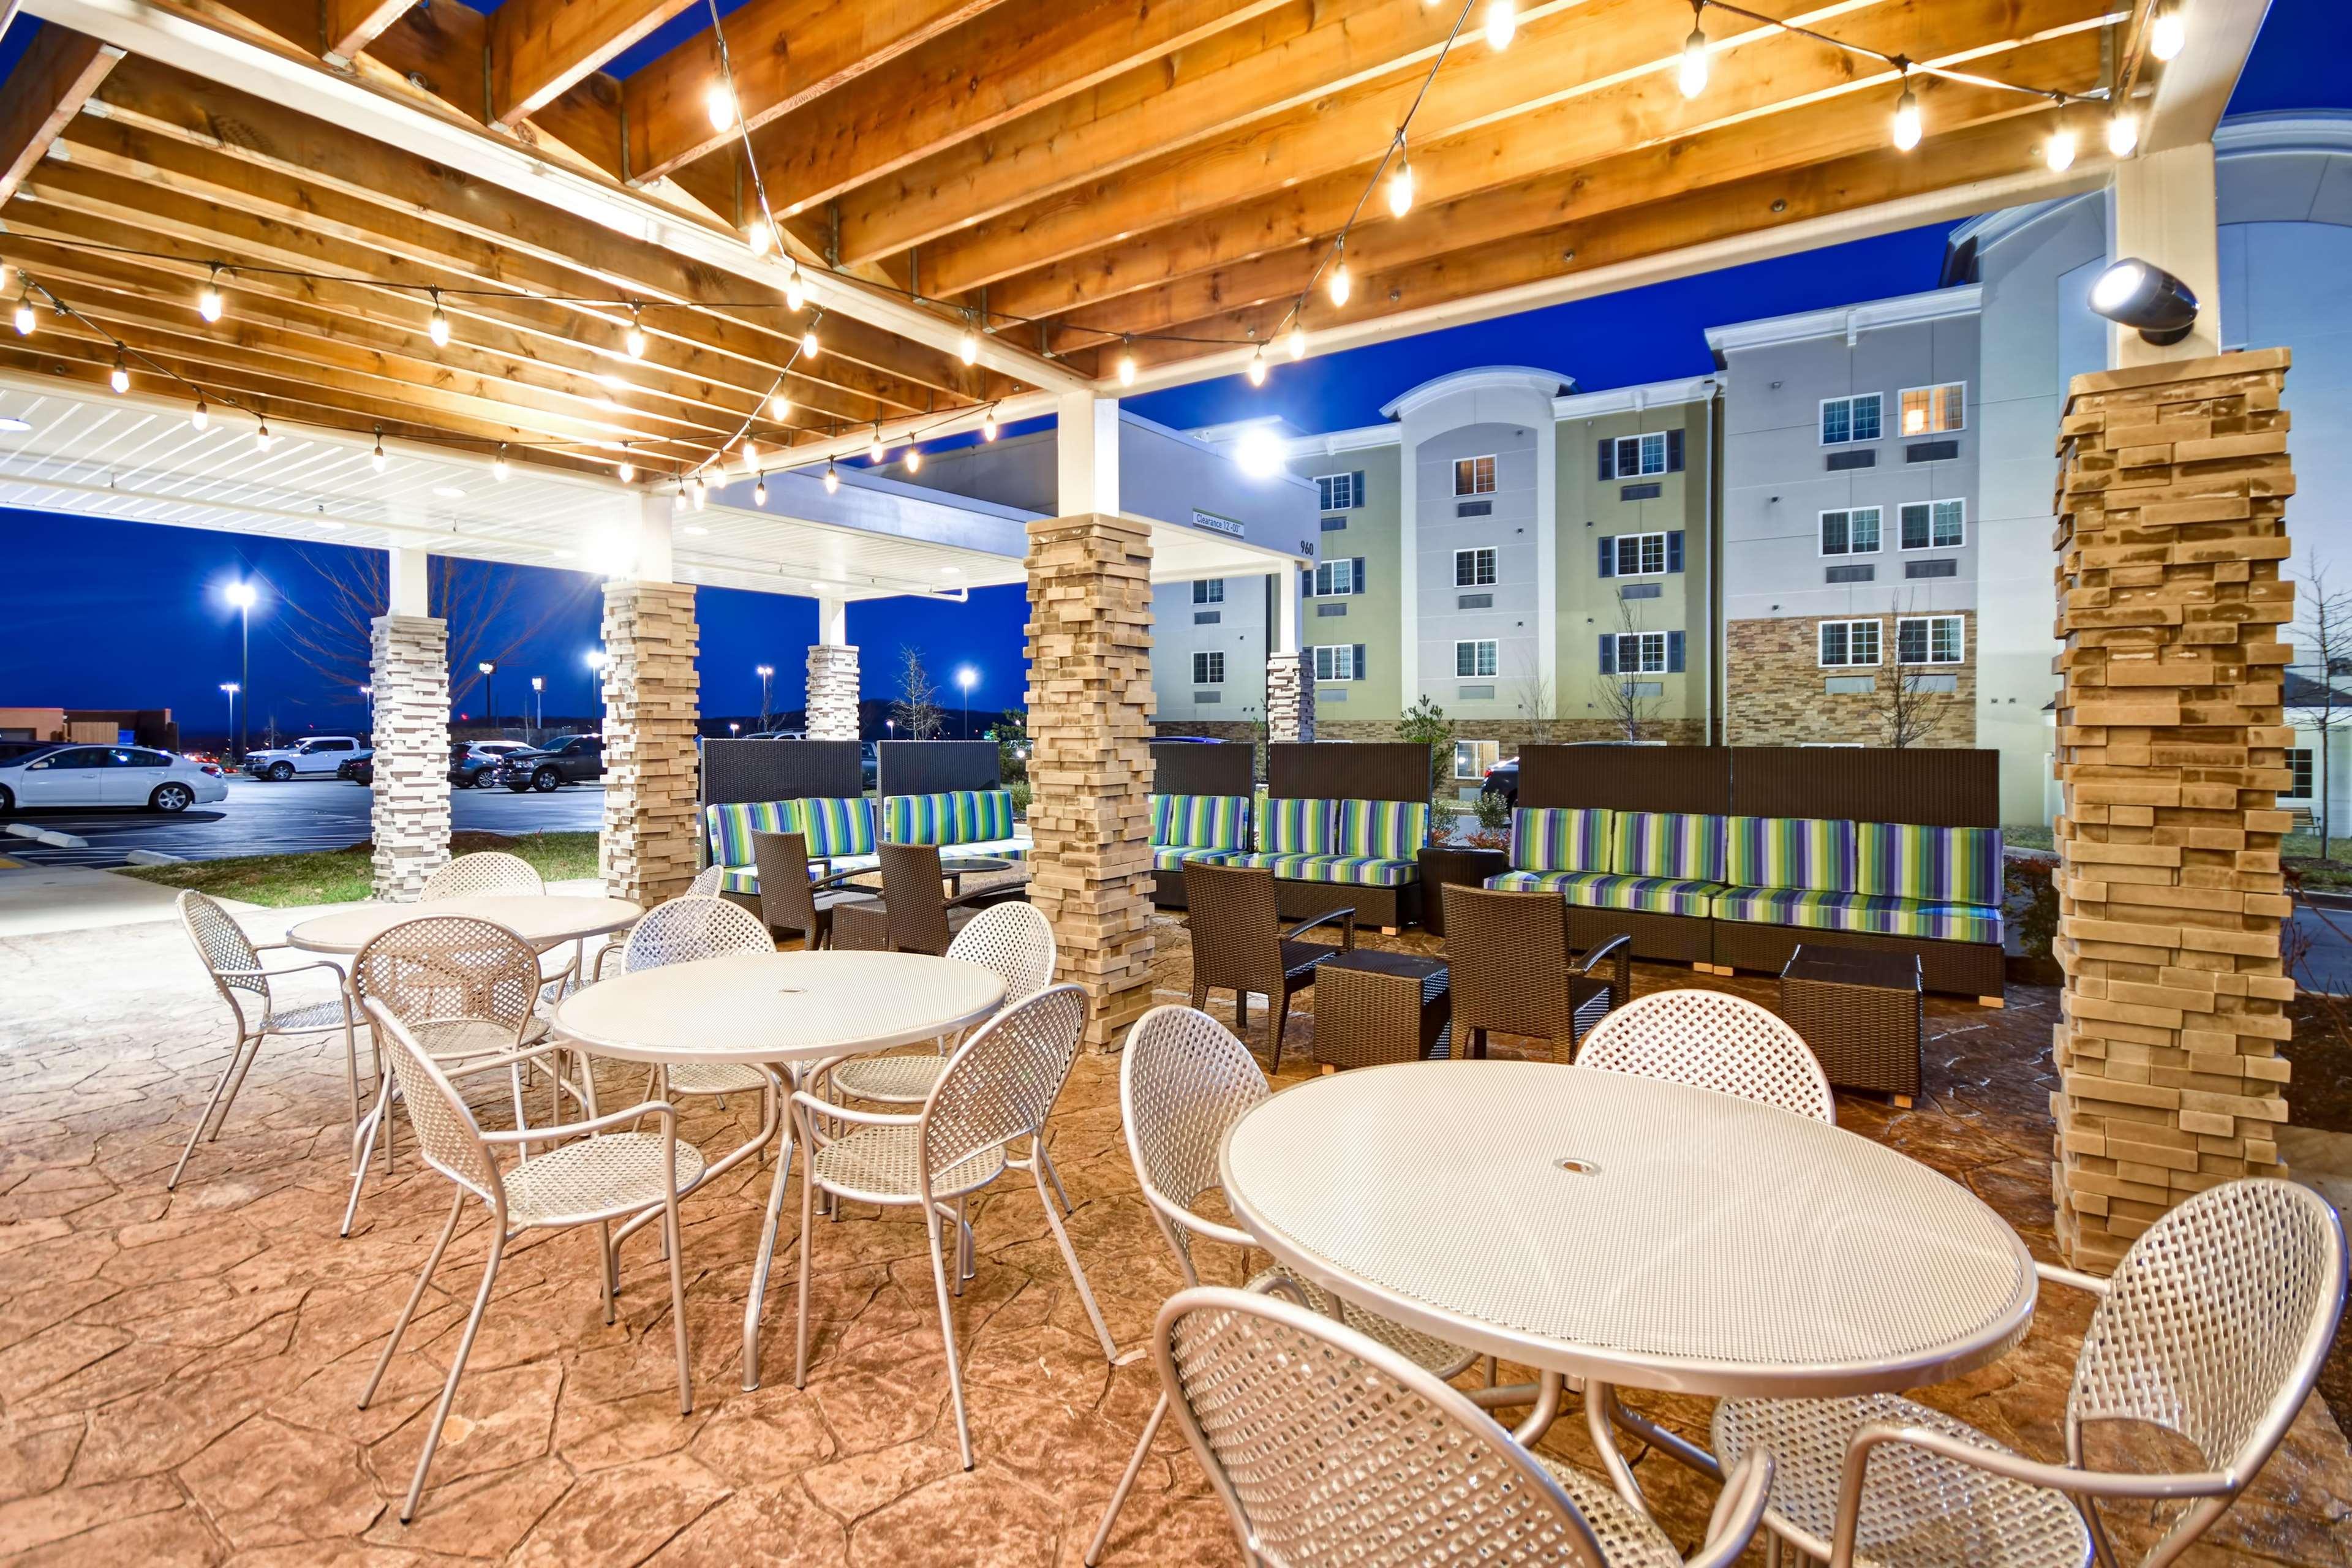 Home2 Suites by Hilton Smyrna Nashville image 6